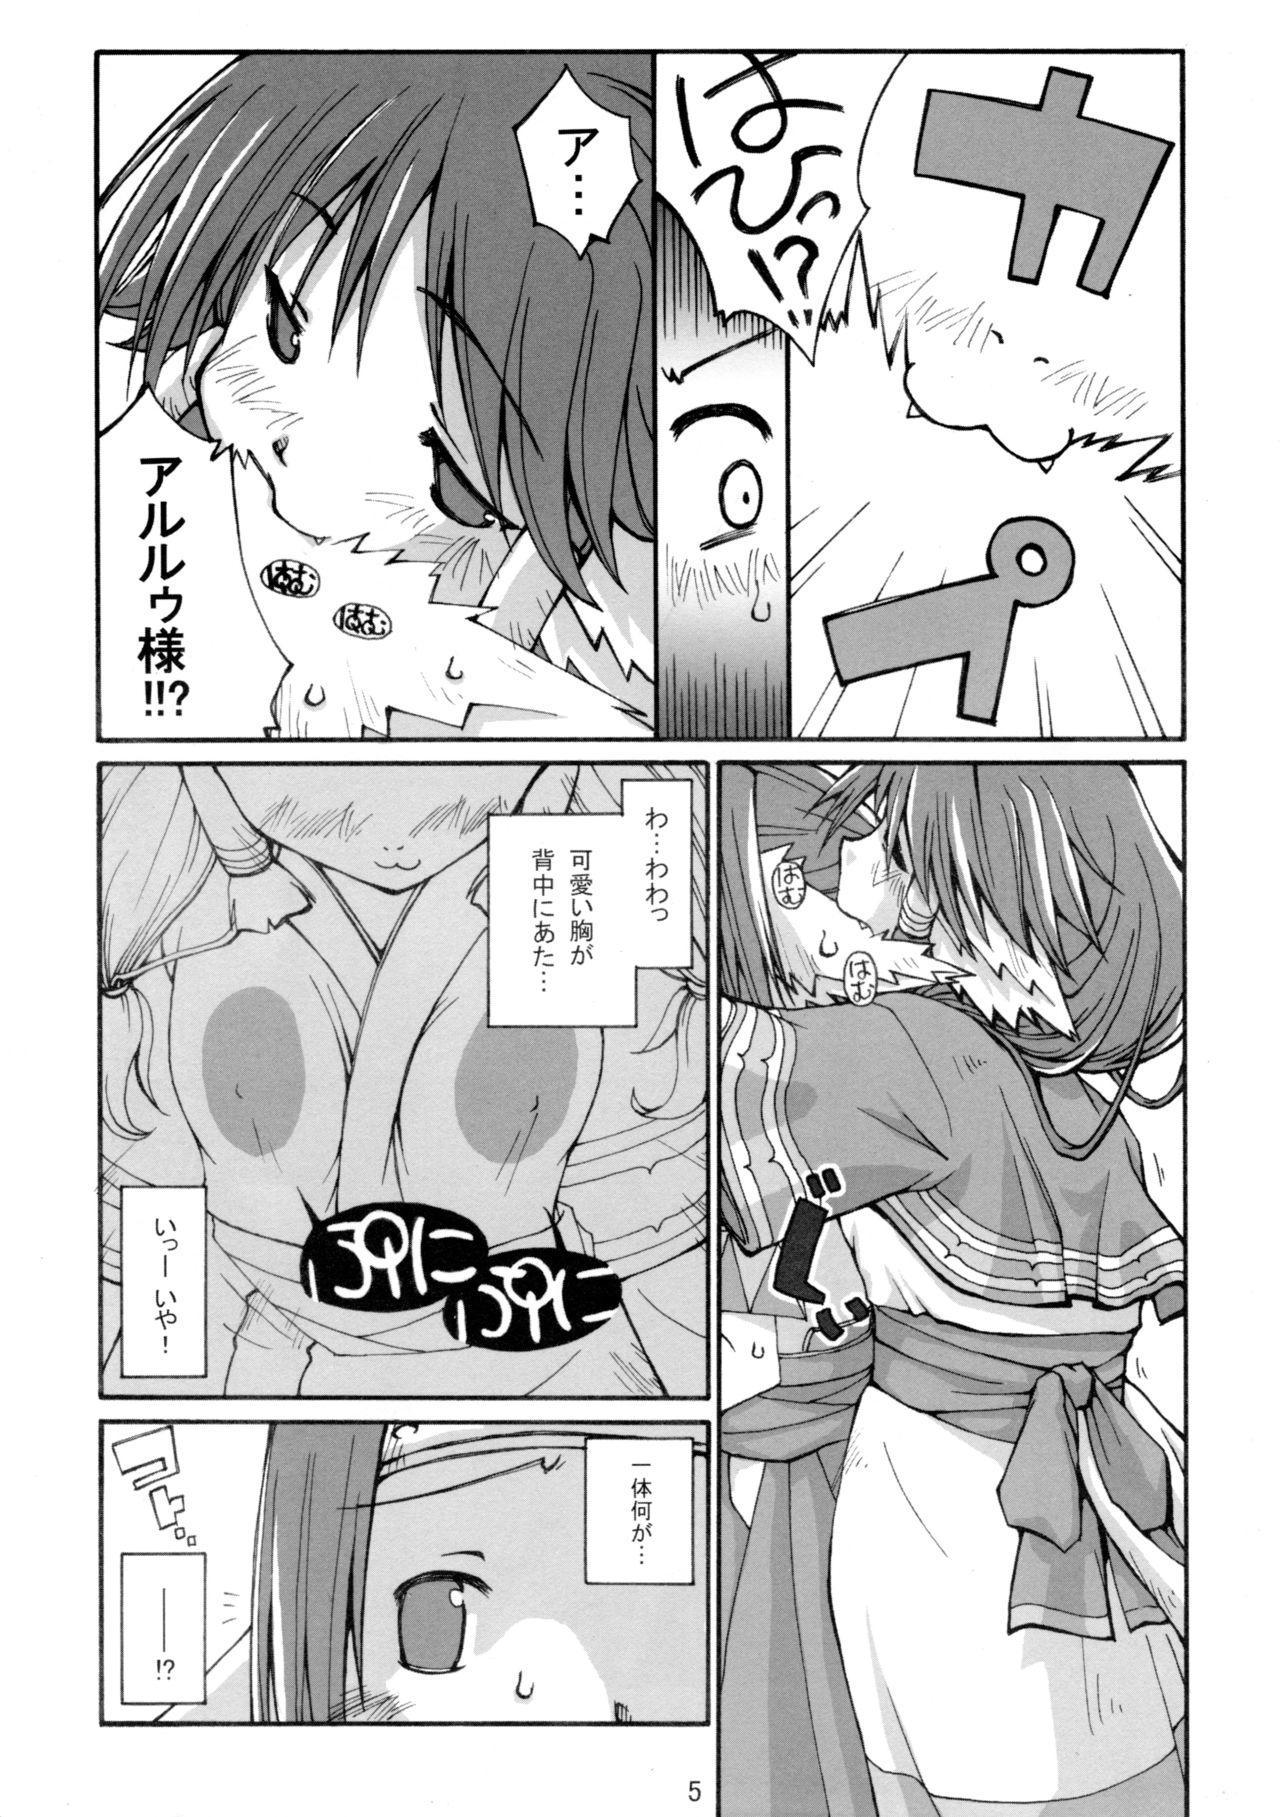 Hachimitsu 6